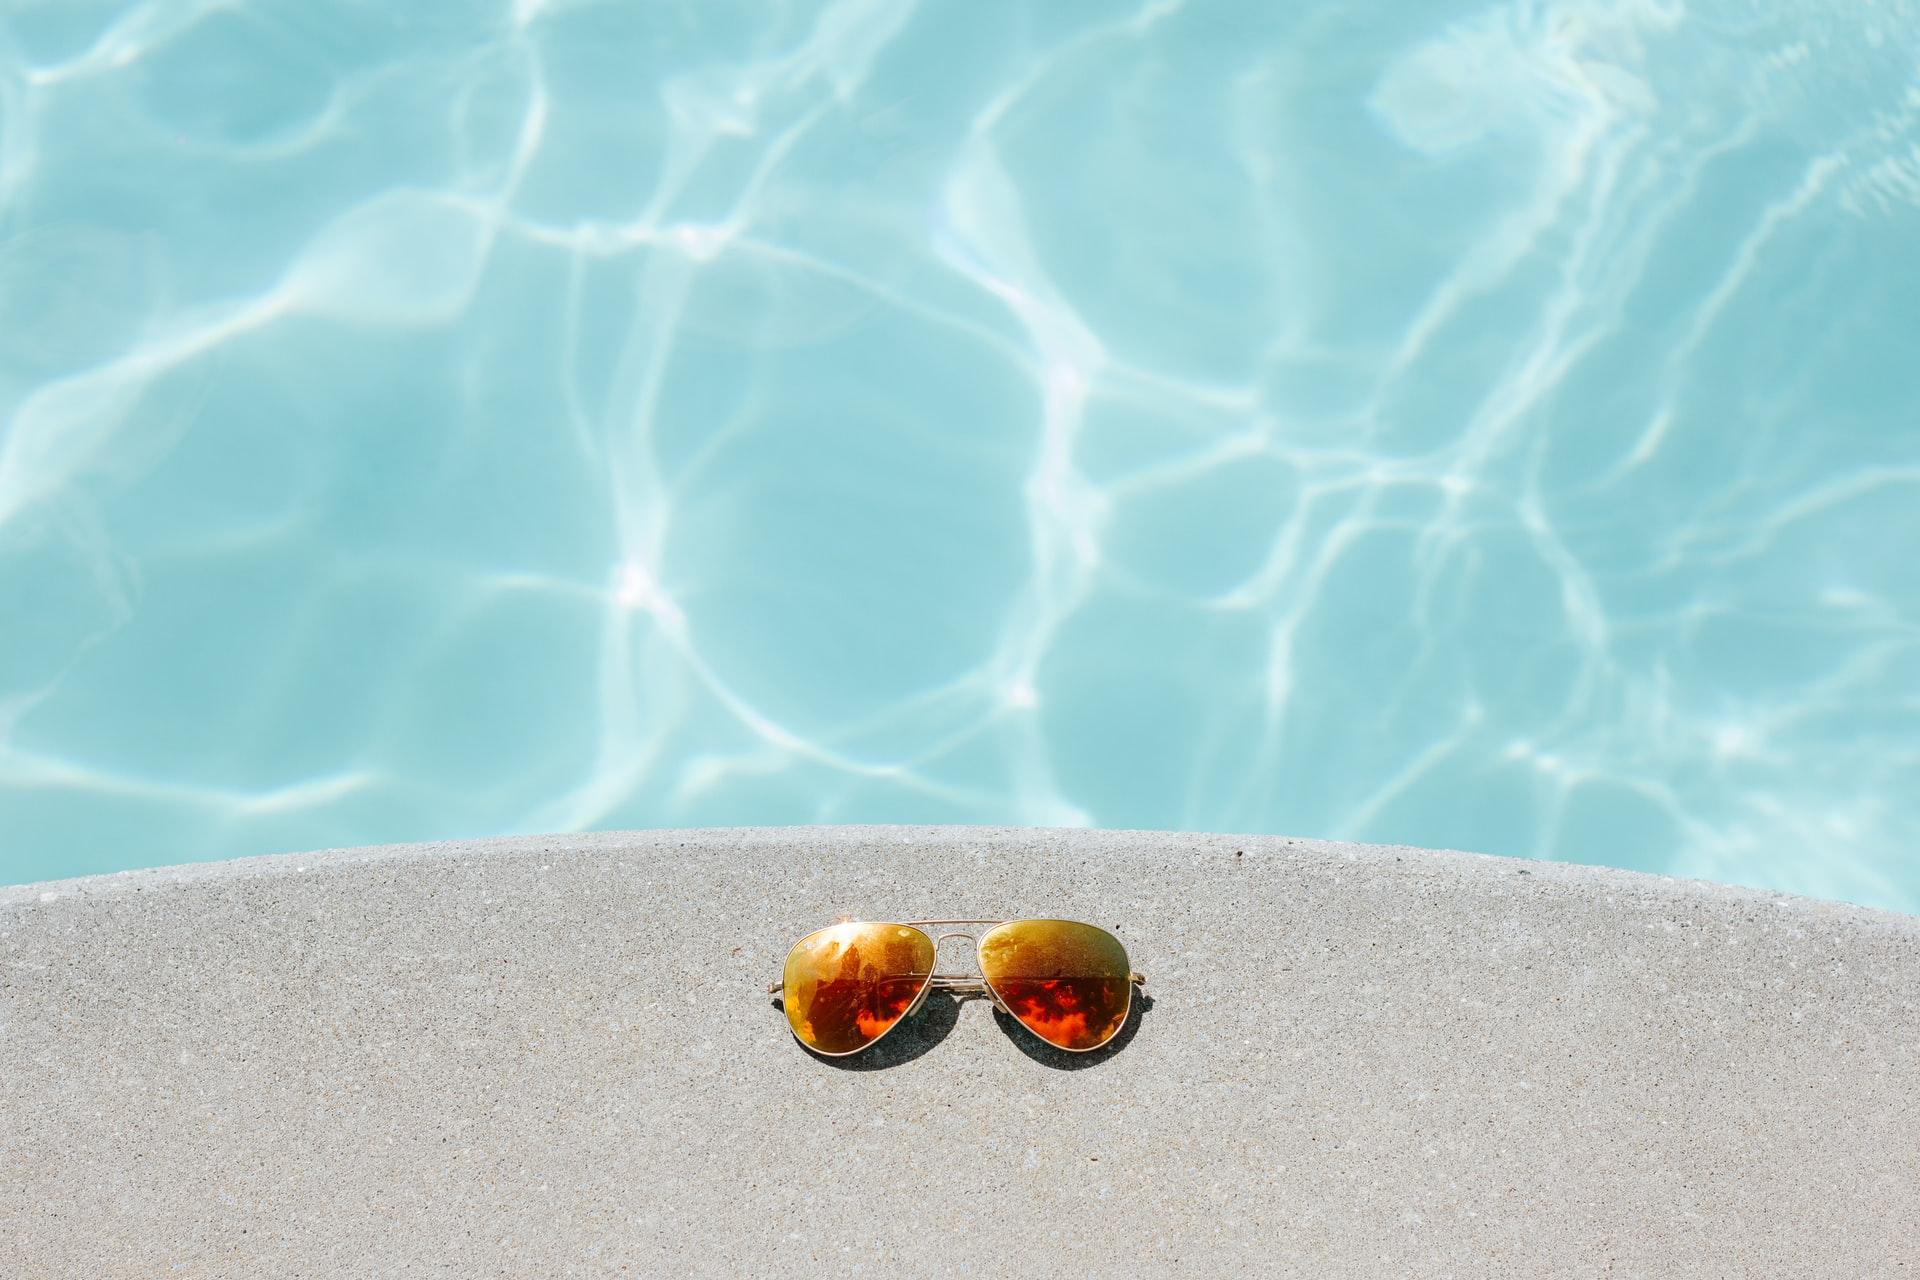 3x snelle bescherming met een Clip on zonnebril